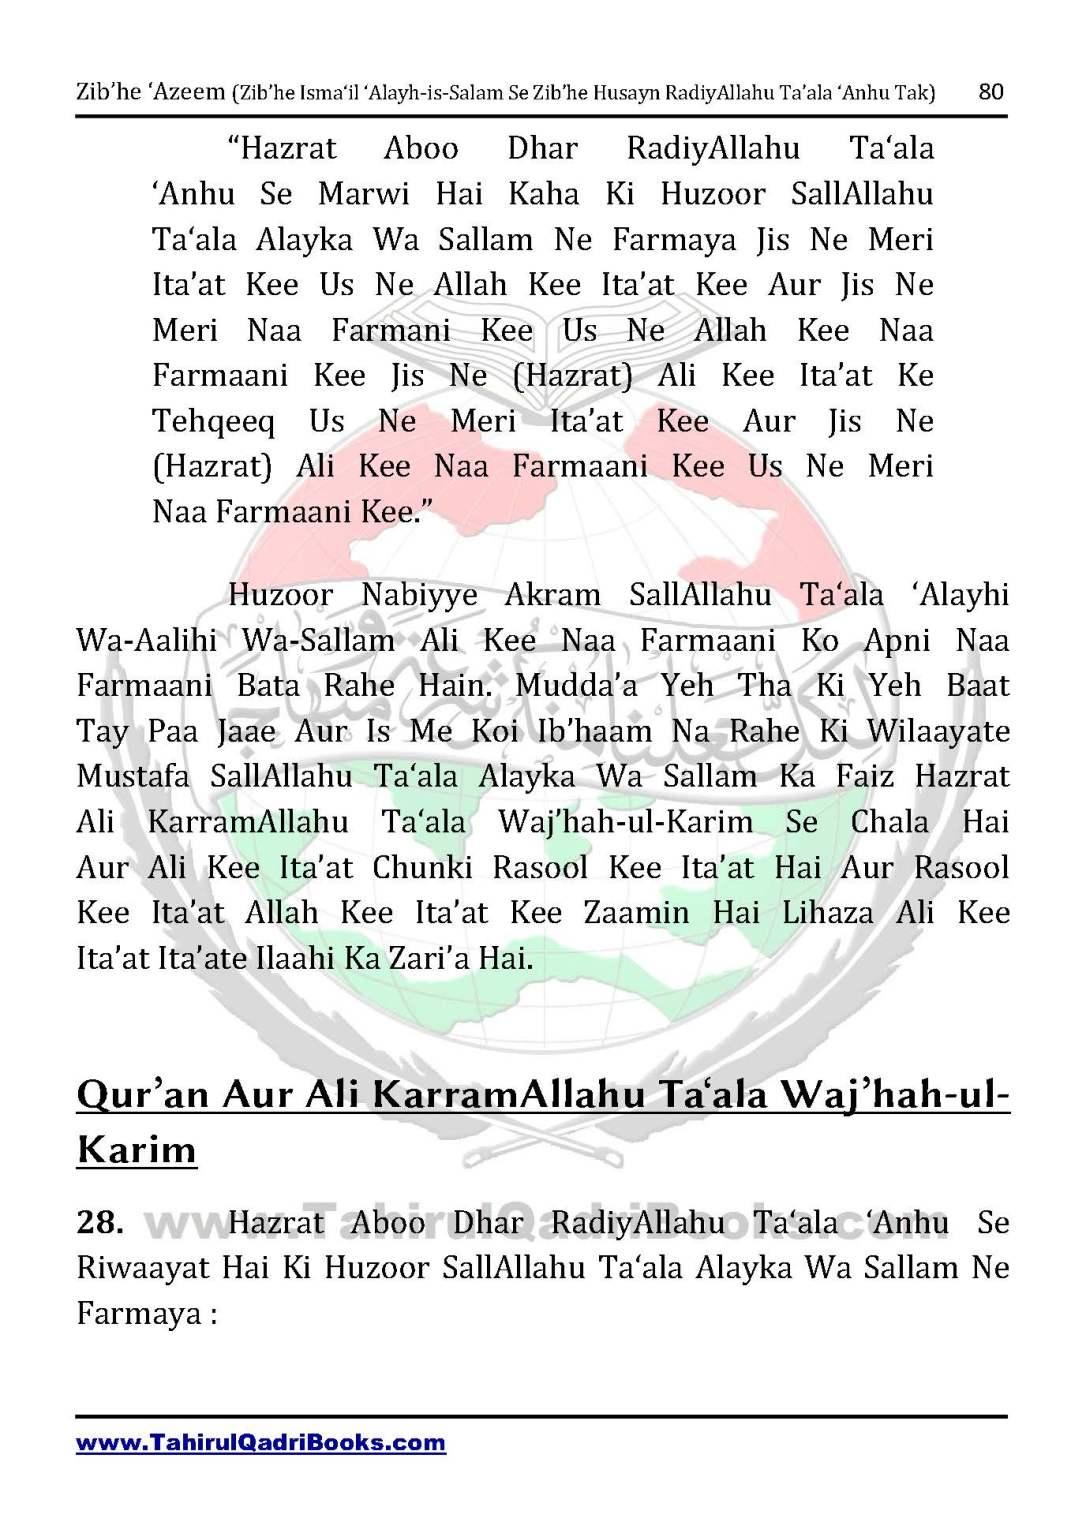 zib_he-e28098azeem-zib_he-ismacabbil-se-zib_he-husayn-tak-in-roman-urdu-unlocked_Page_080